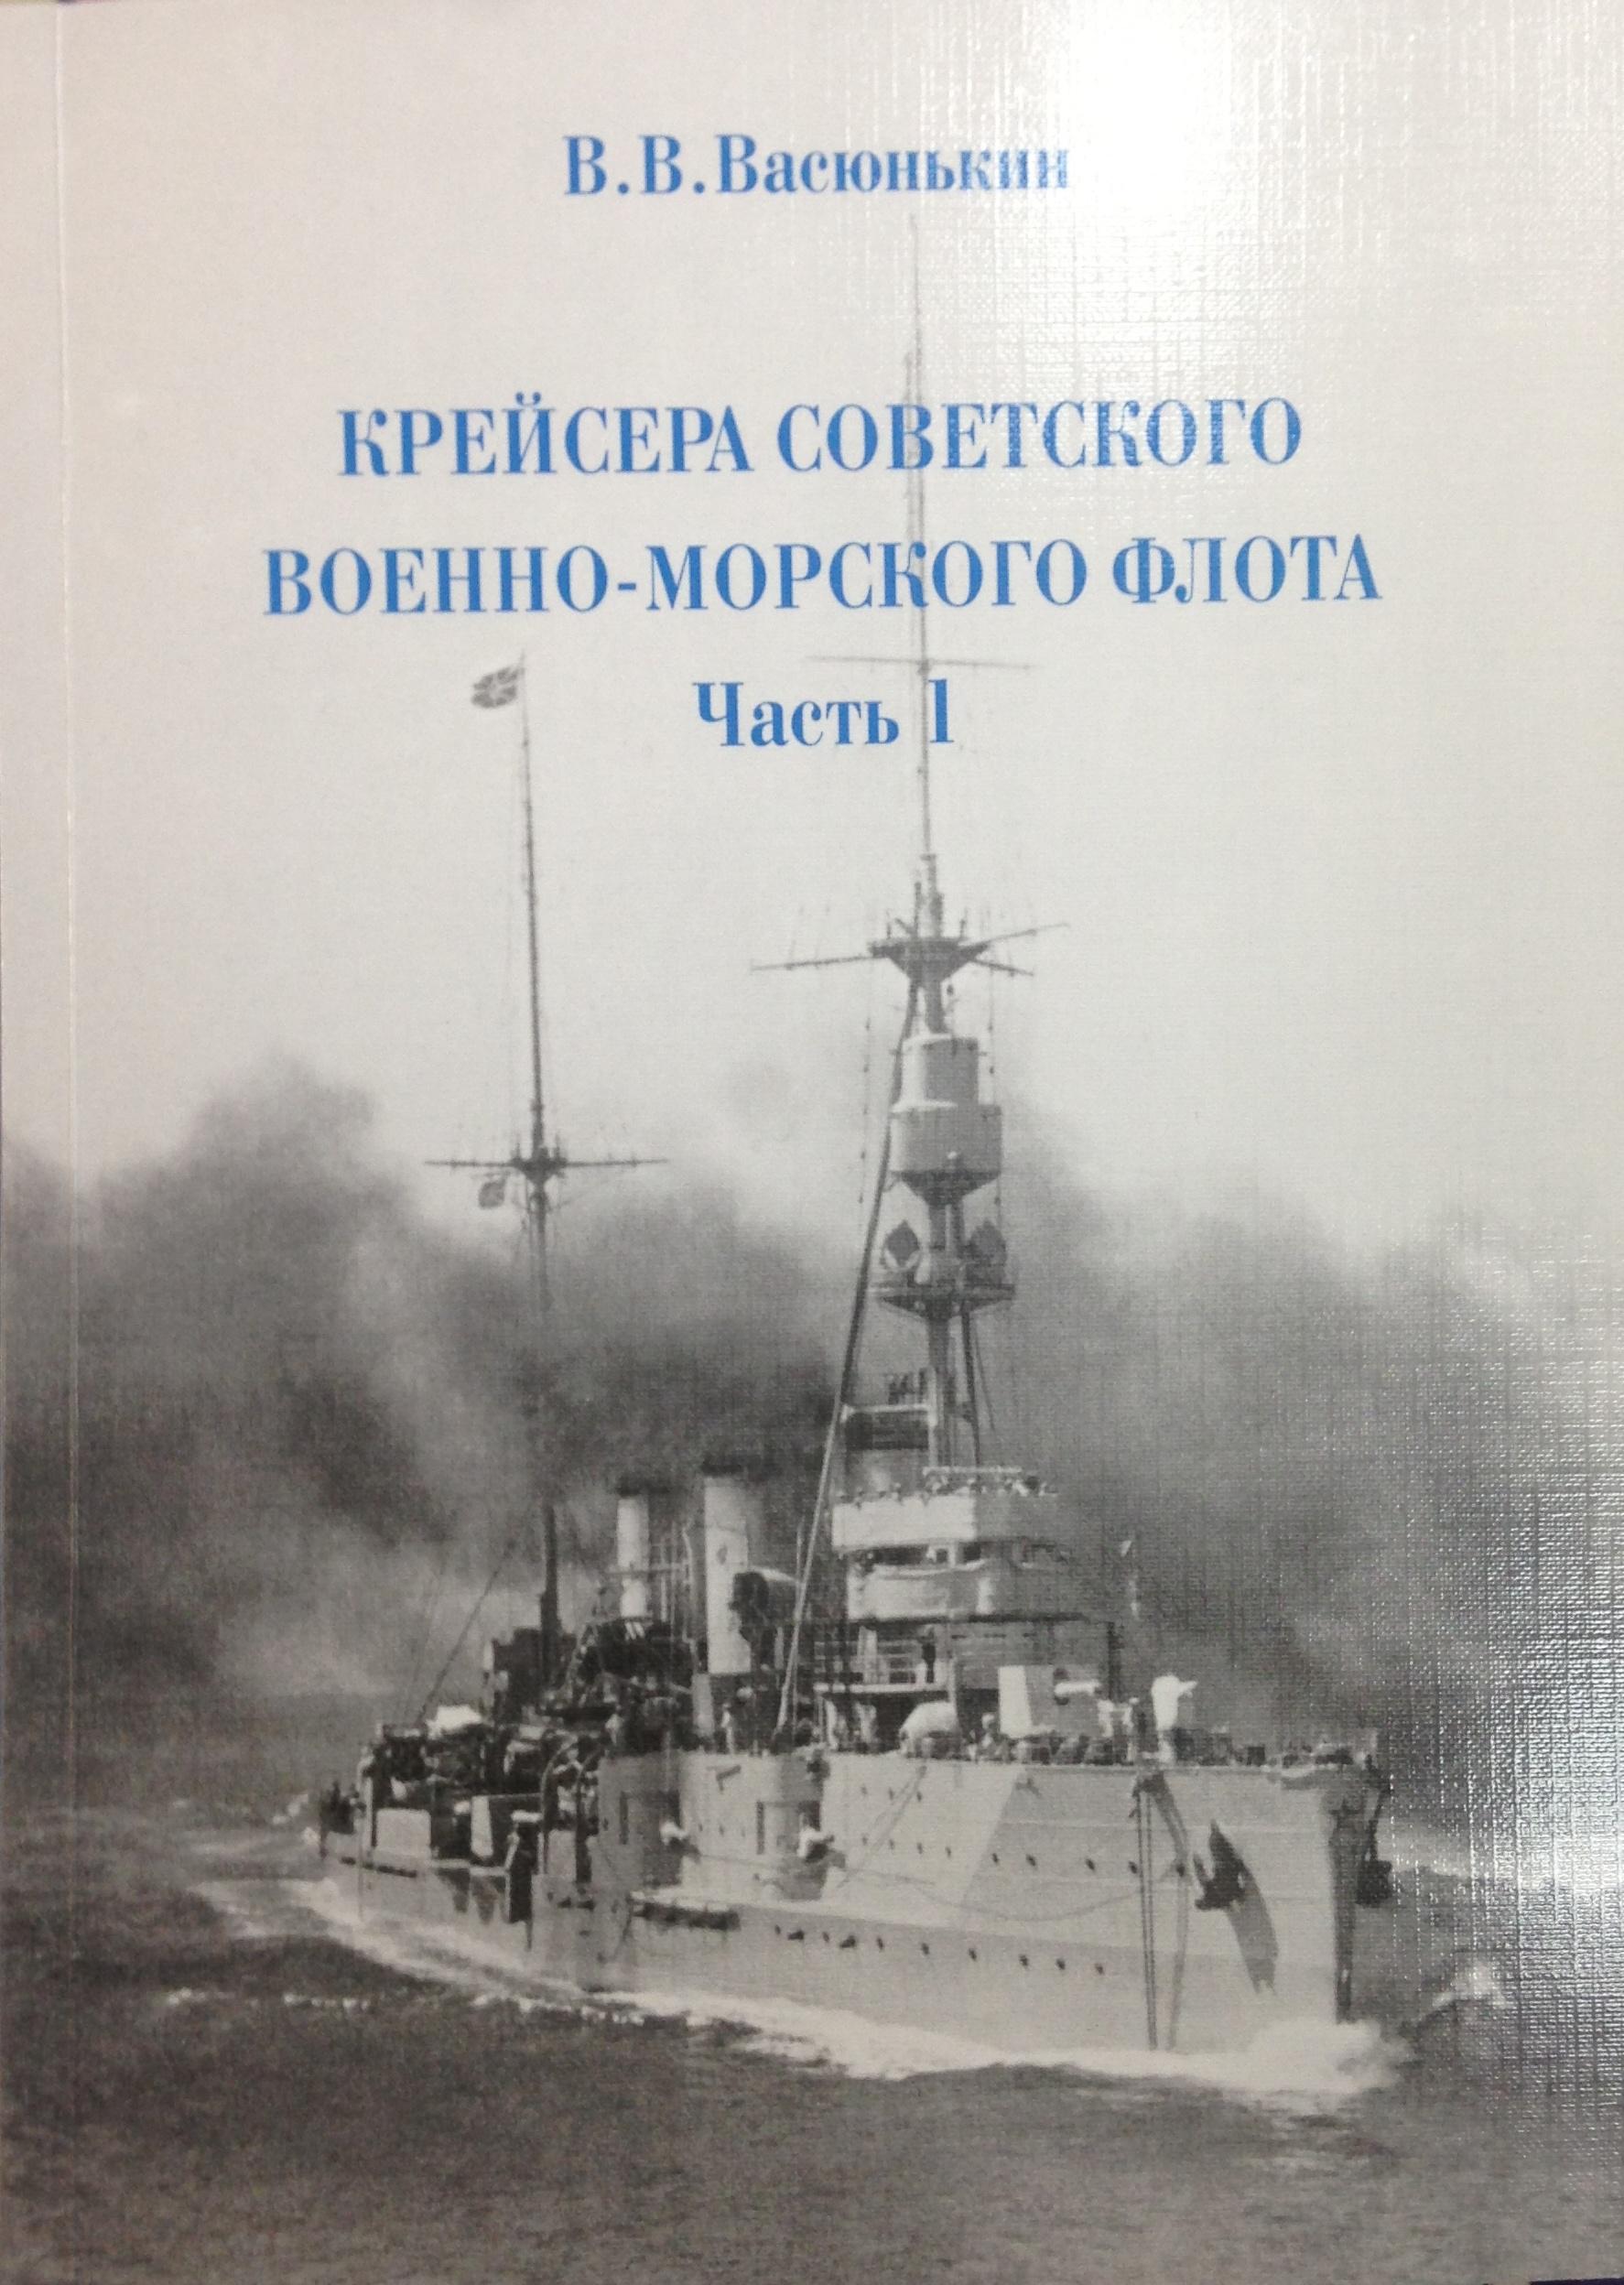 Васюнькин в в крейсера советского